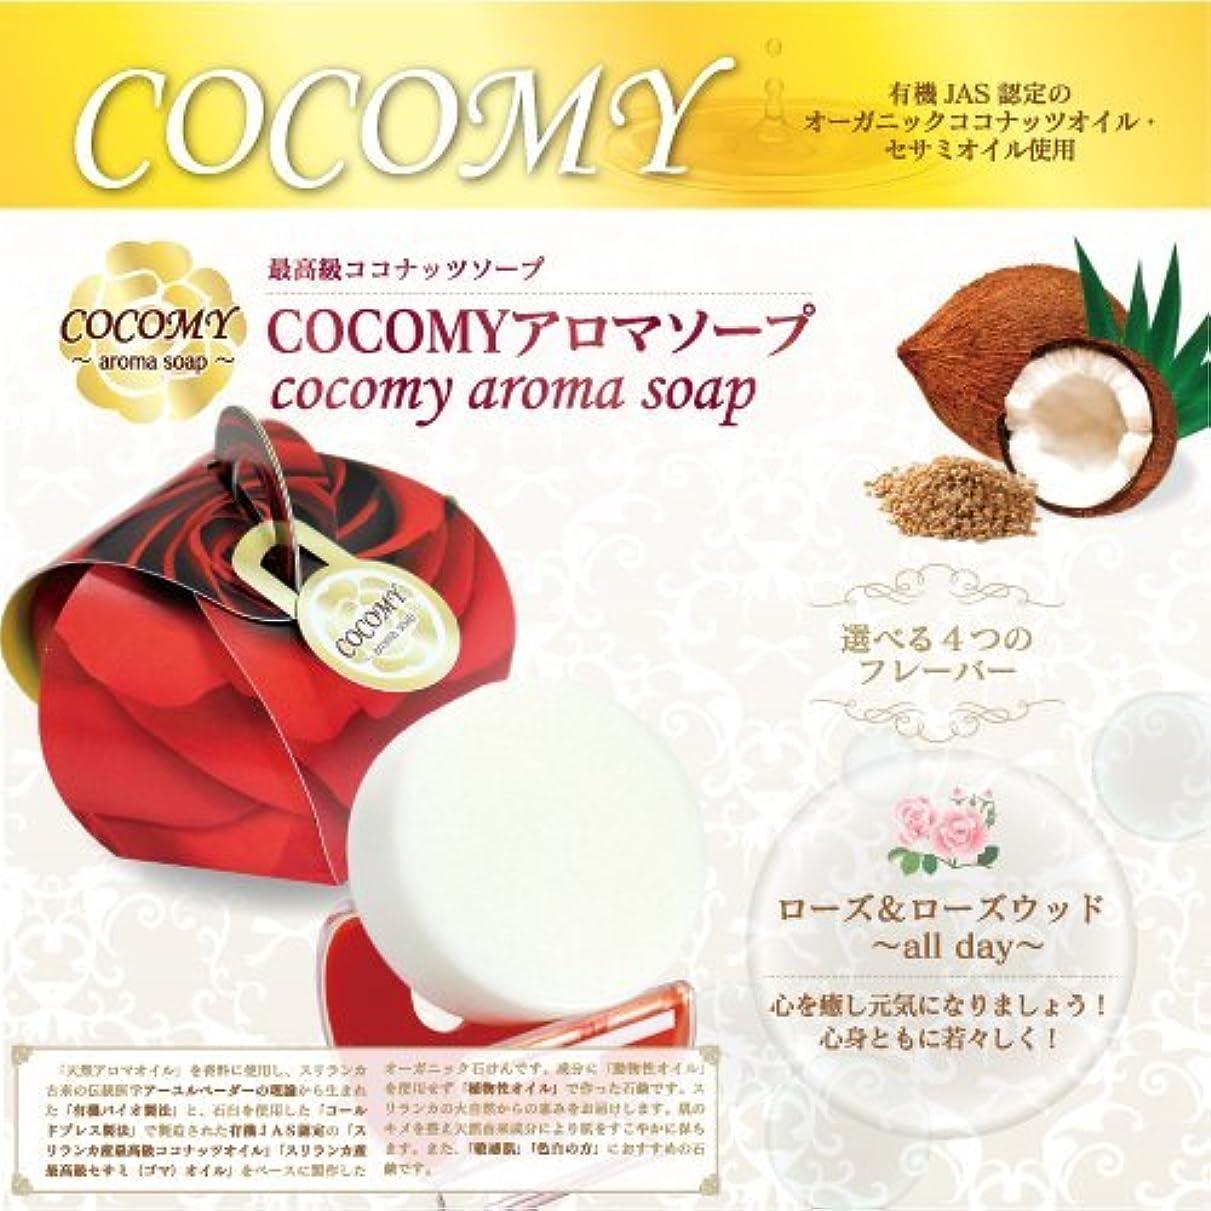 行為しゃがむスクレーパーCOCOMY aromaソープ 2個セット (ローズ&ローズウッド) 40g×2